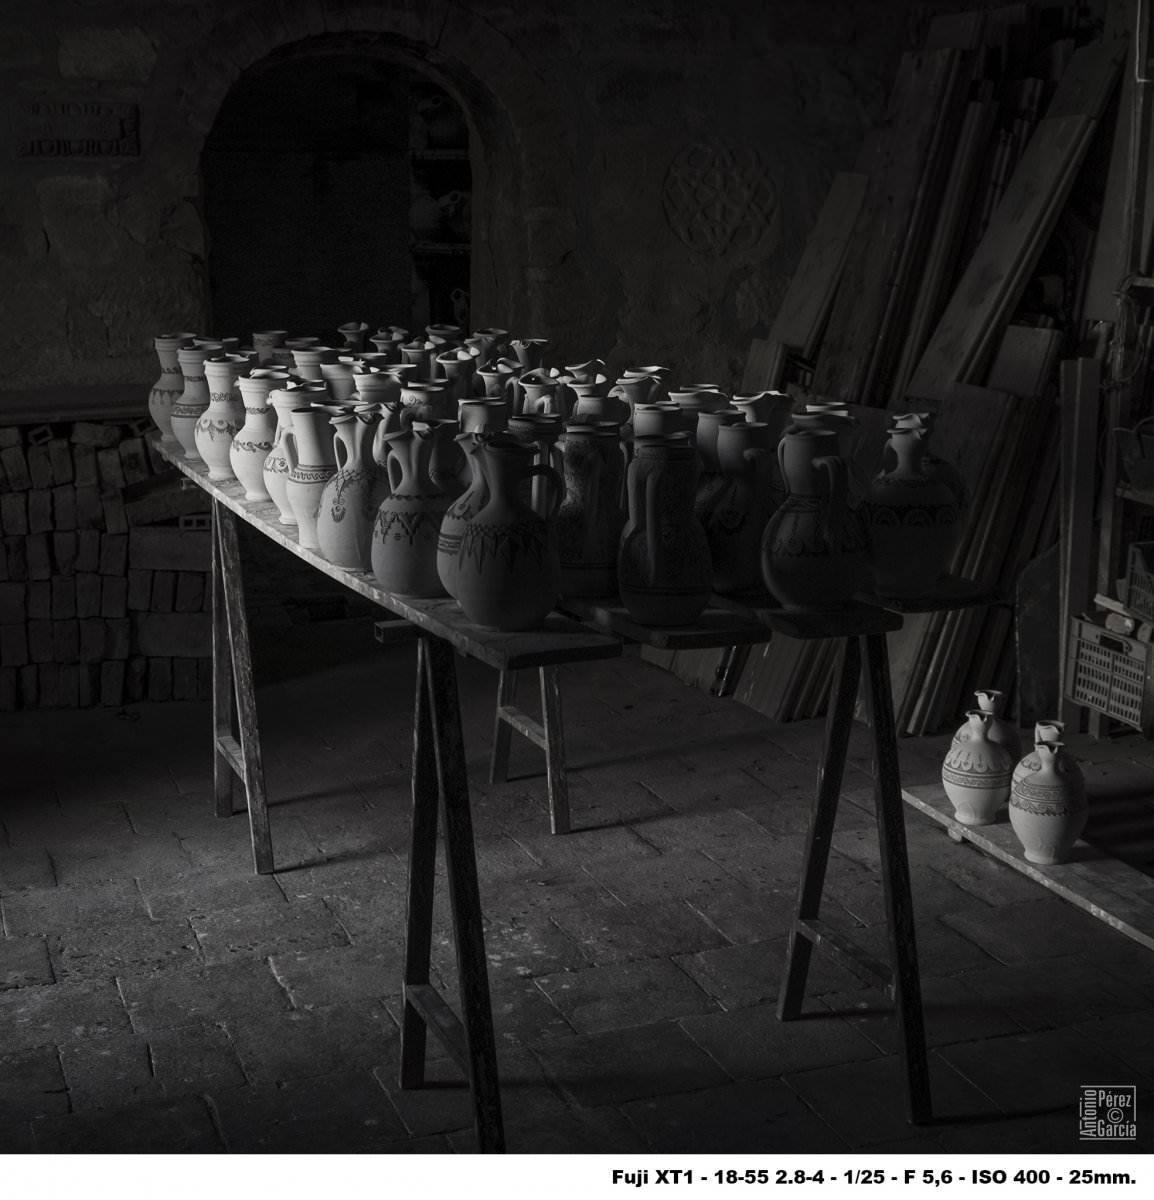 """""""Preparados para entrar en el horno"""" por Antonio Pérez. Fujifilm X-T1 + XF 18-55mm f/2.8-4."""